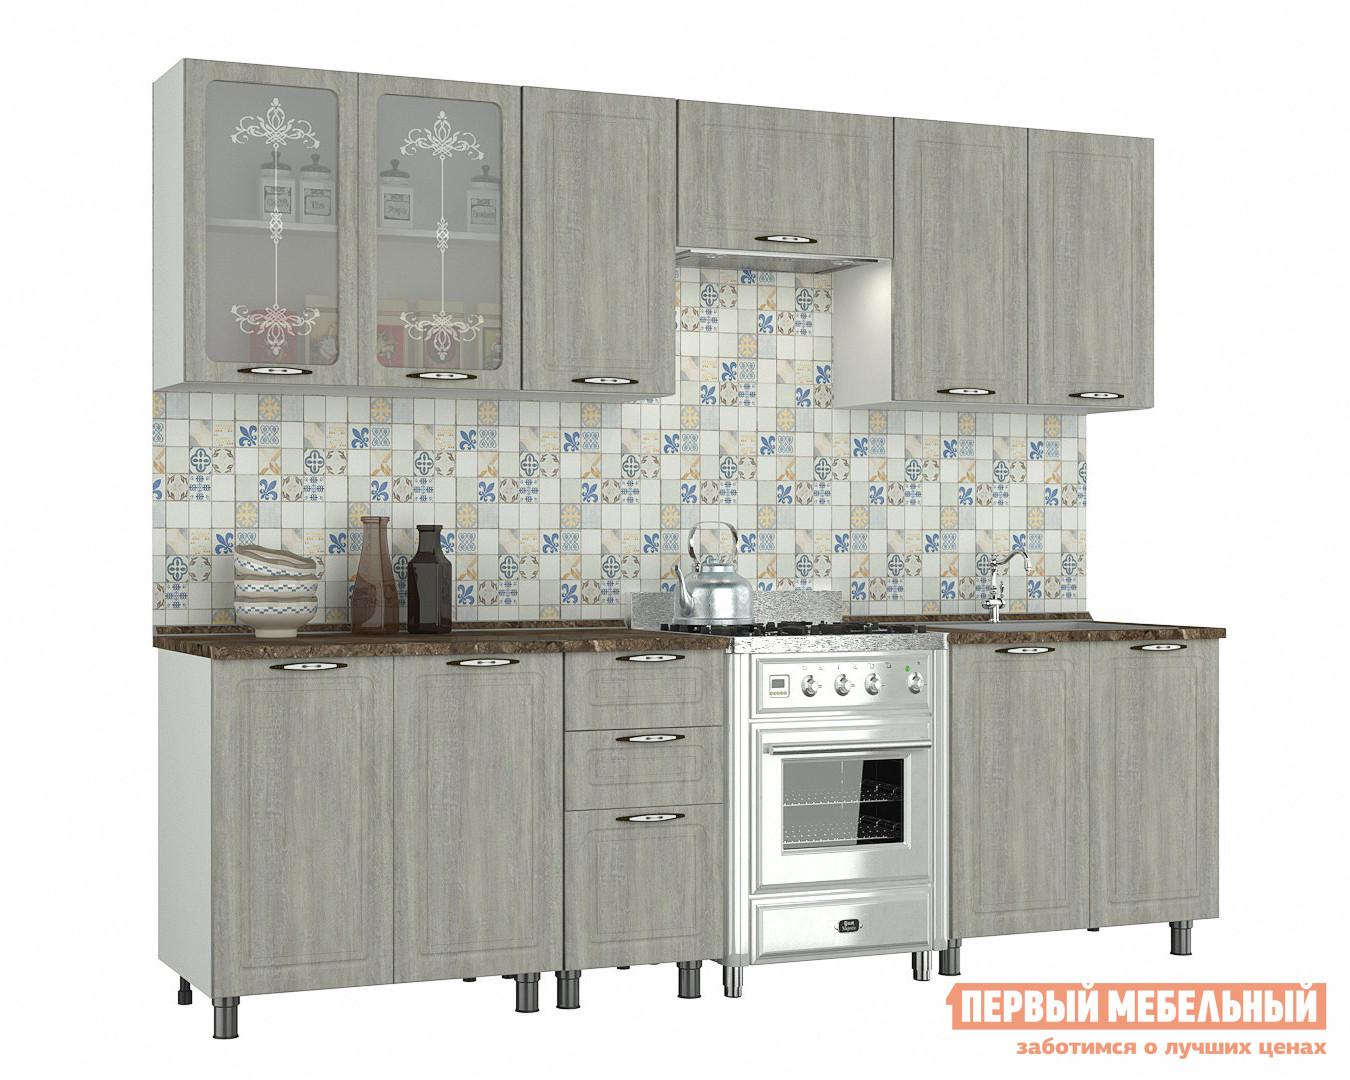 Кухонный гарнитур Первый Мебельный Прованс 2,5 м k1491 2sk1491 to 3p